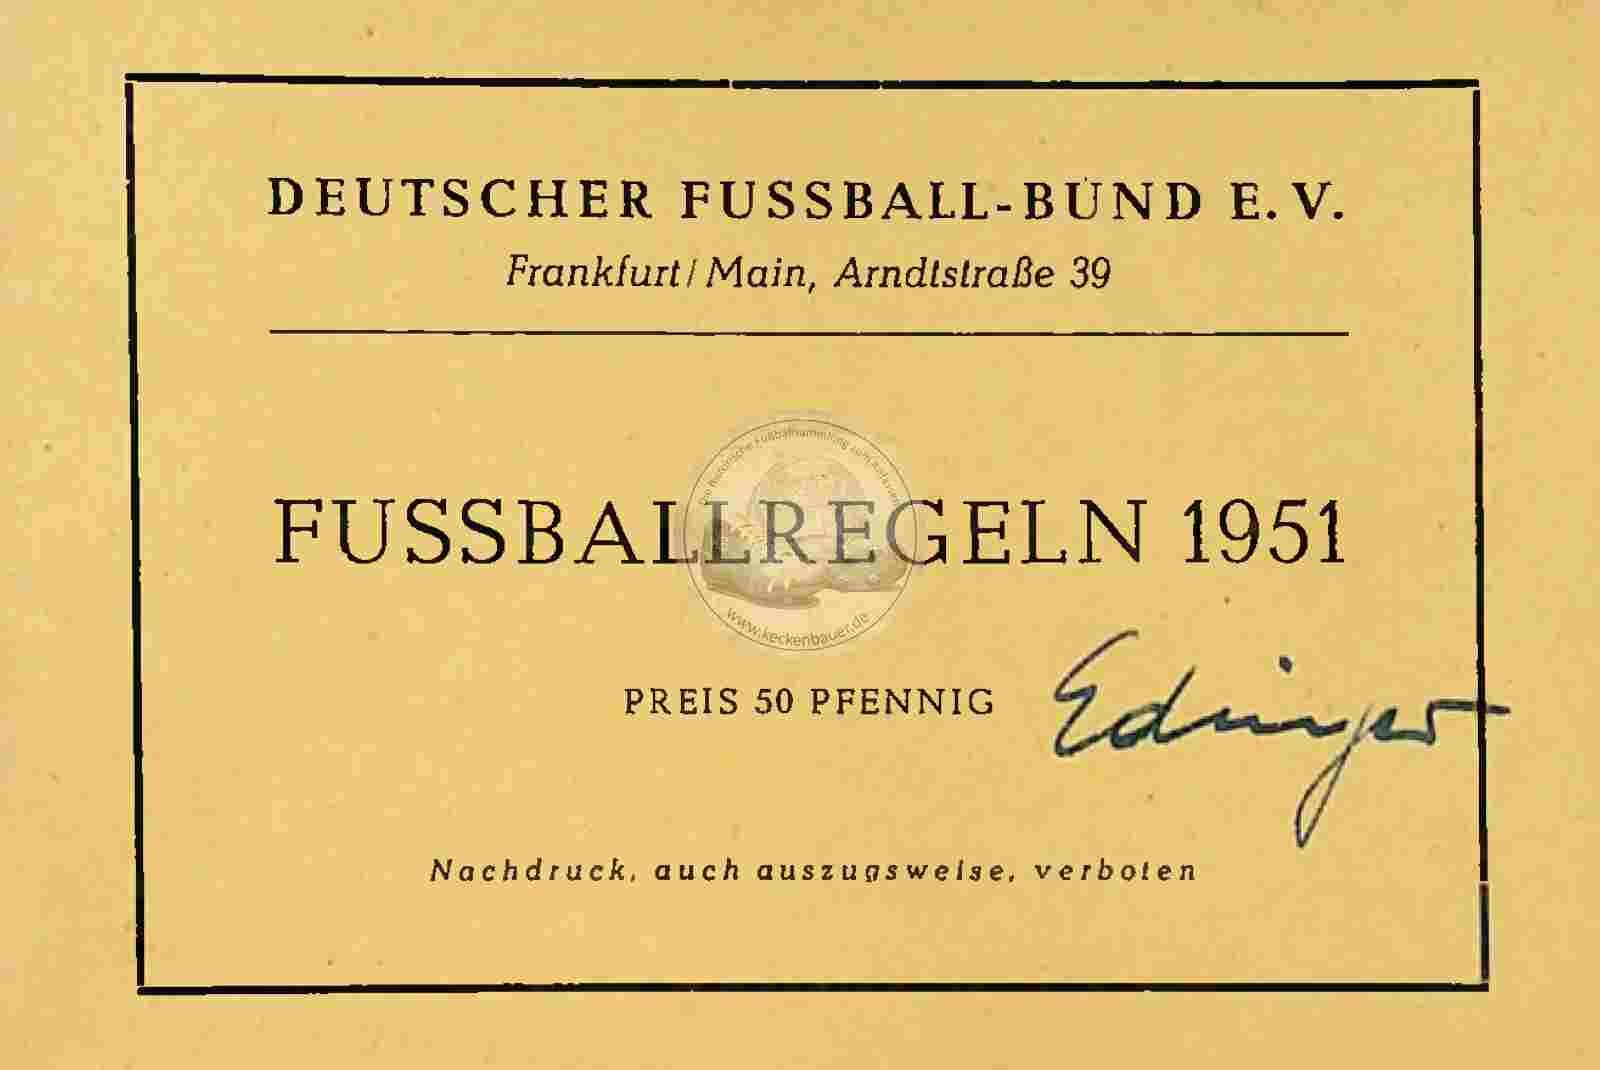 1951 Fussballregeln DFB